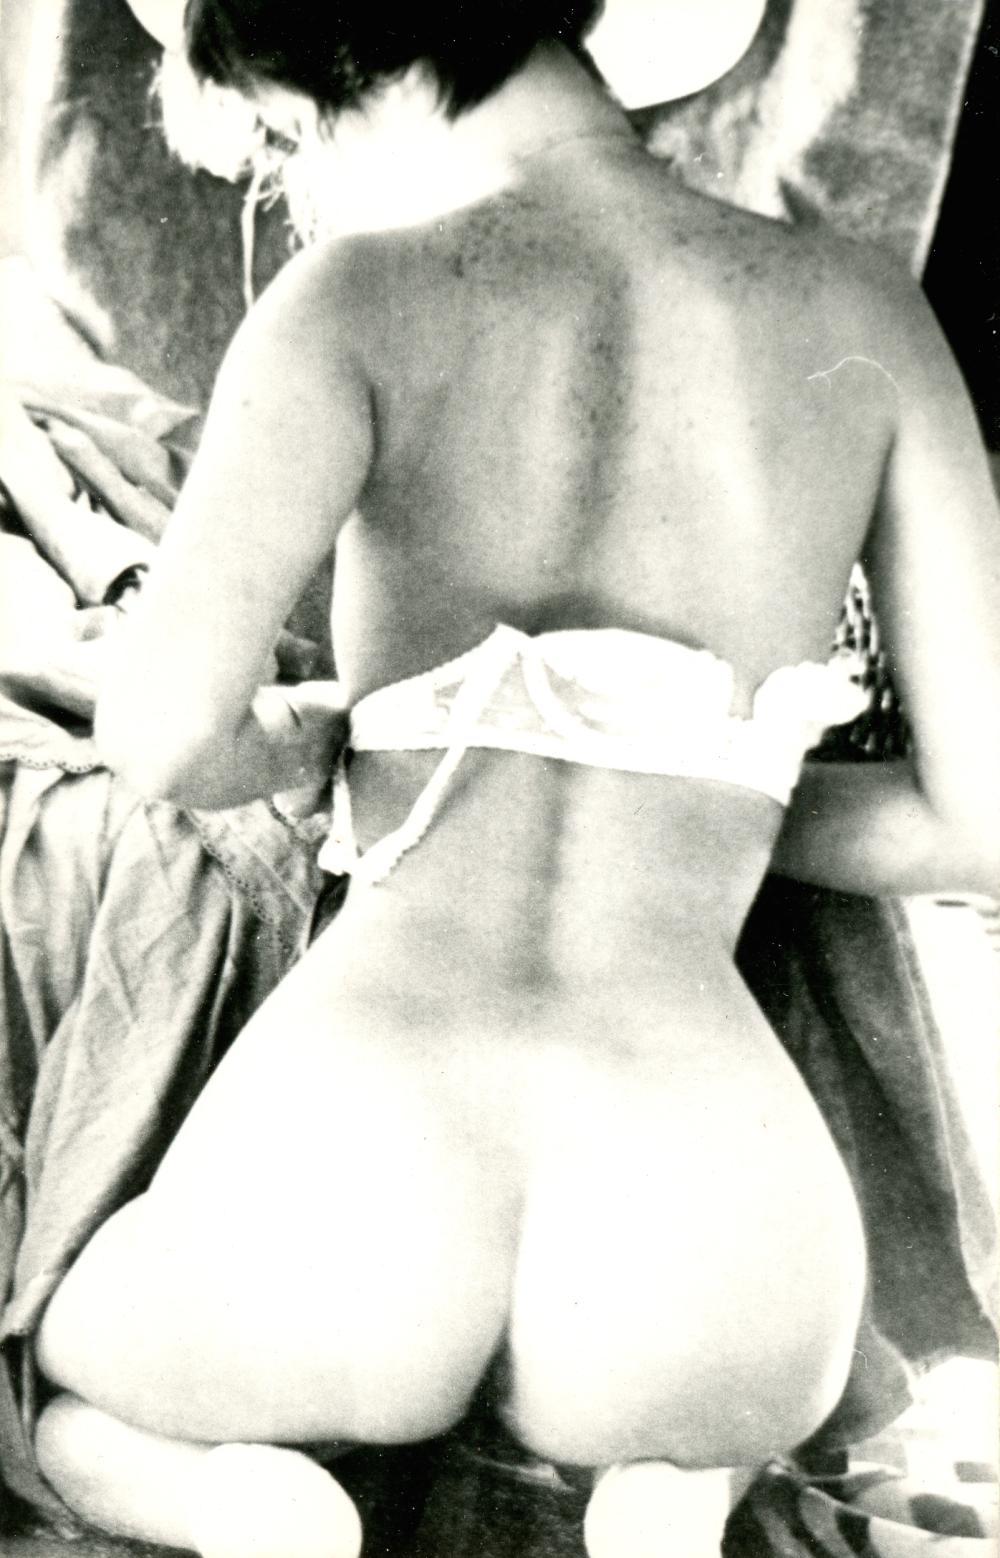 amateur nude photograph y